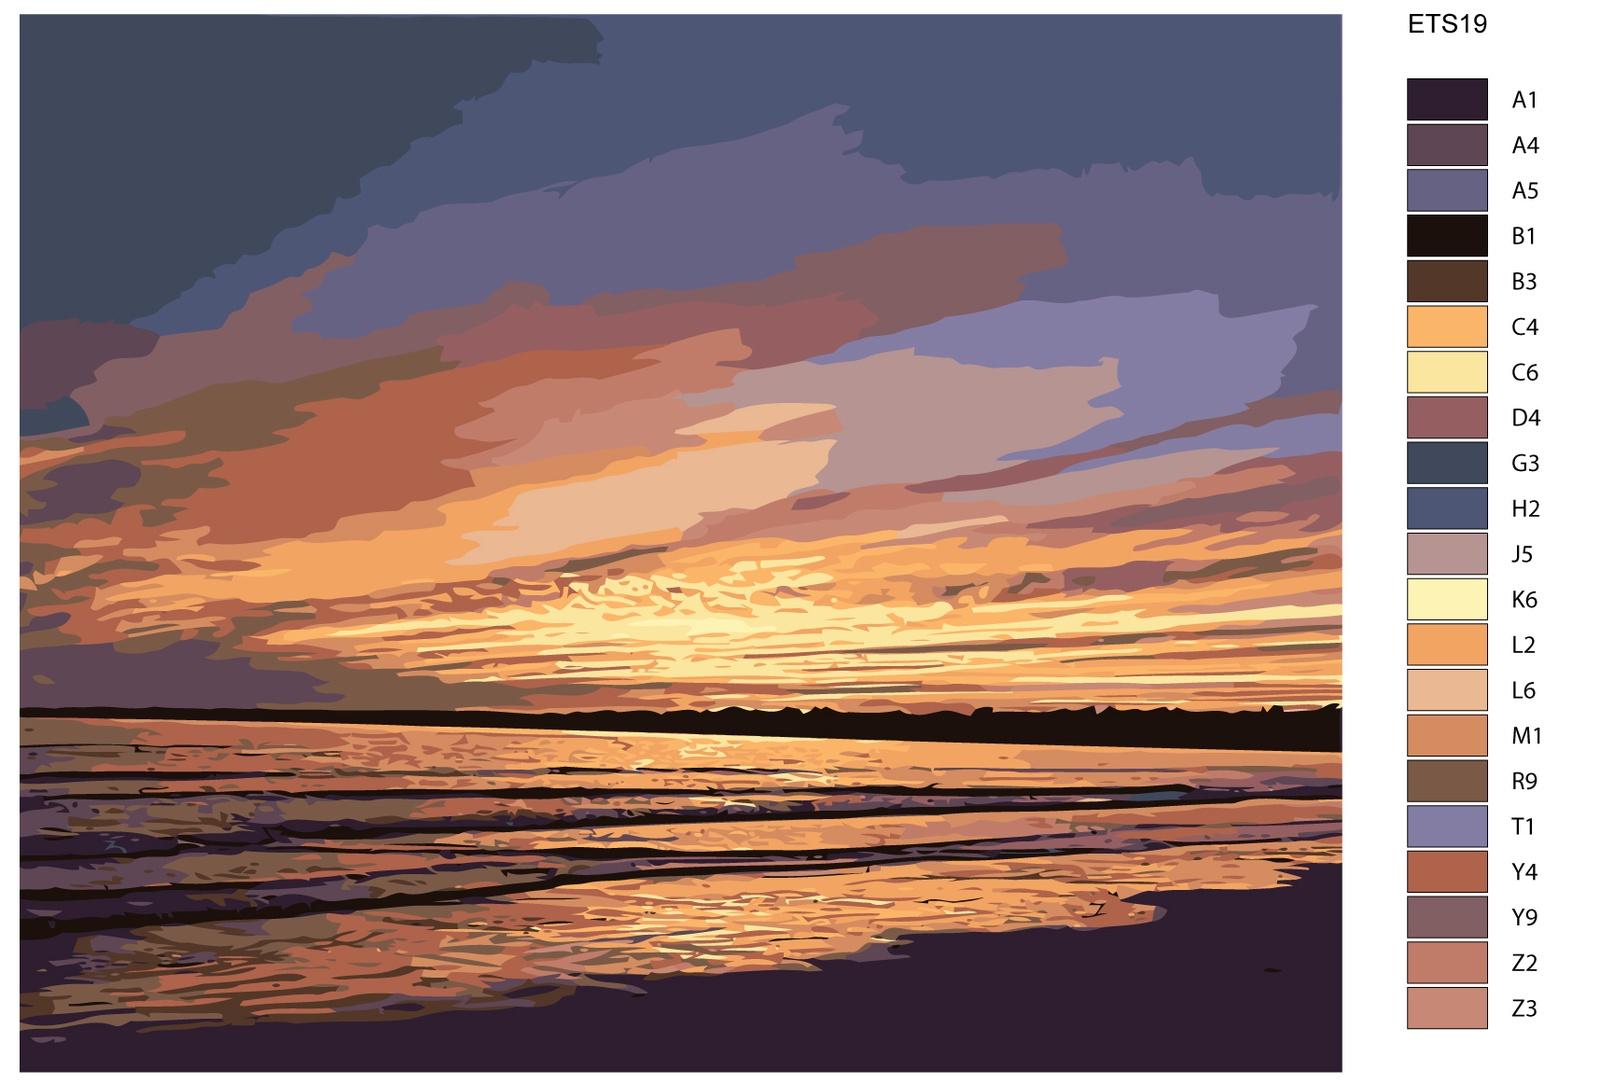 Картина по номерам, 80 x 100 см, ETS19